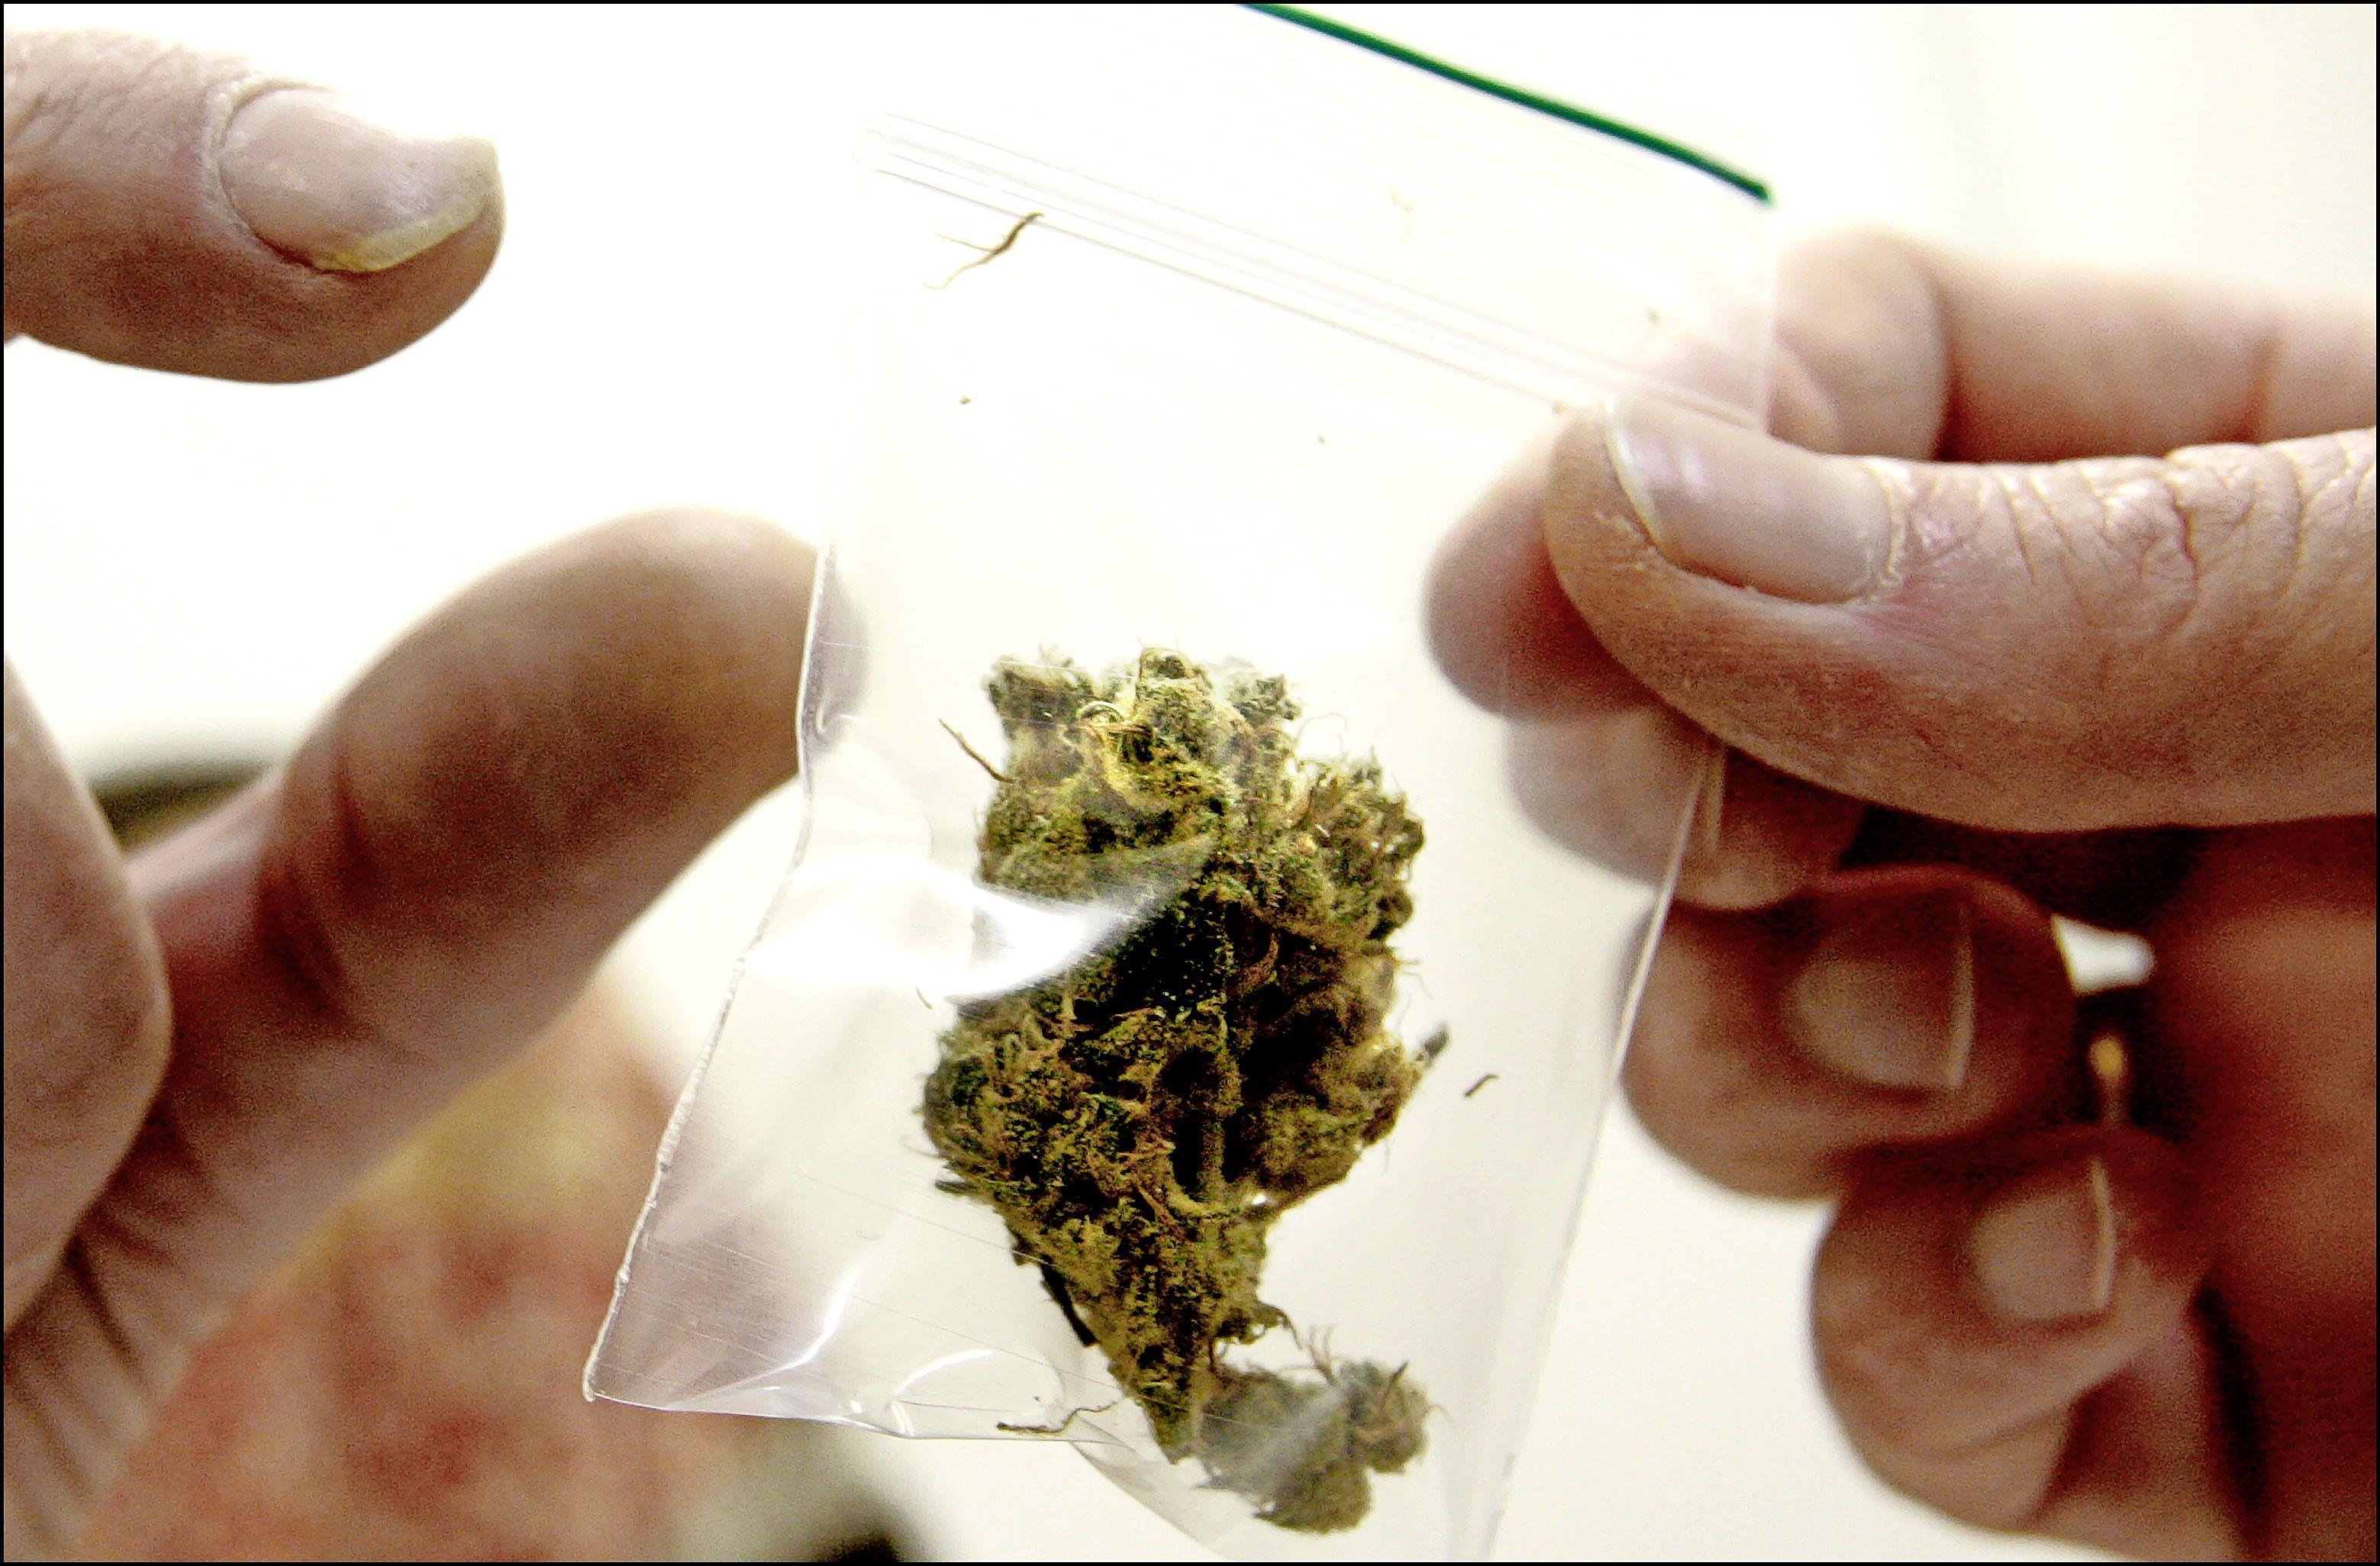 Overlast door groep drugsgebruikers bij psychiatrische instelling: 'Deze patiënten zijn een gevaar voor zichzelf en voor hun omgeving'